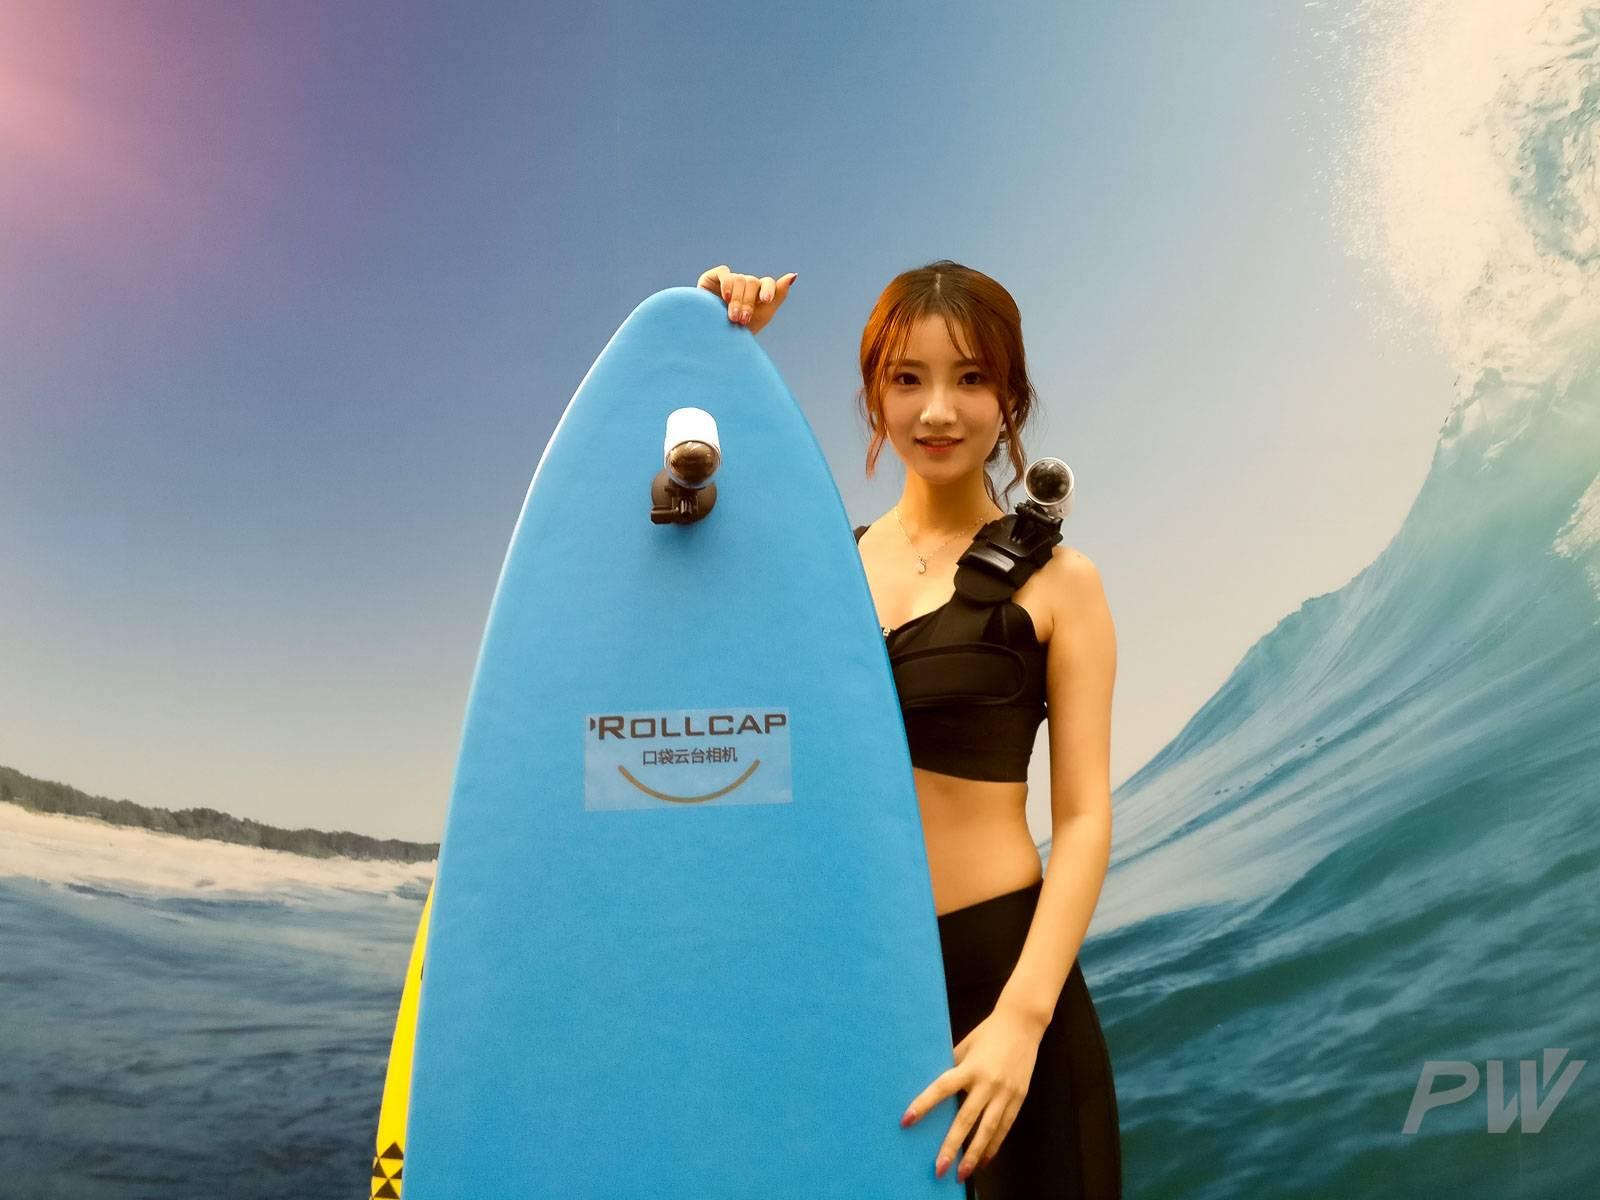 ROLLCAP 可以通过标准螺纹接口转接相机配件,可以固定在冲浪帆板、车身框架上。